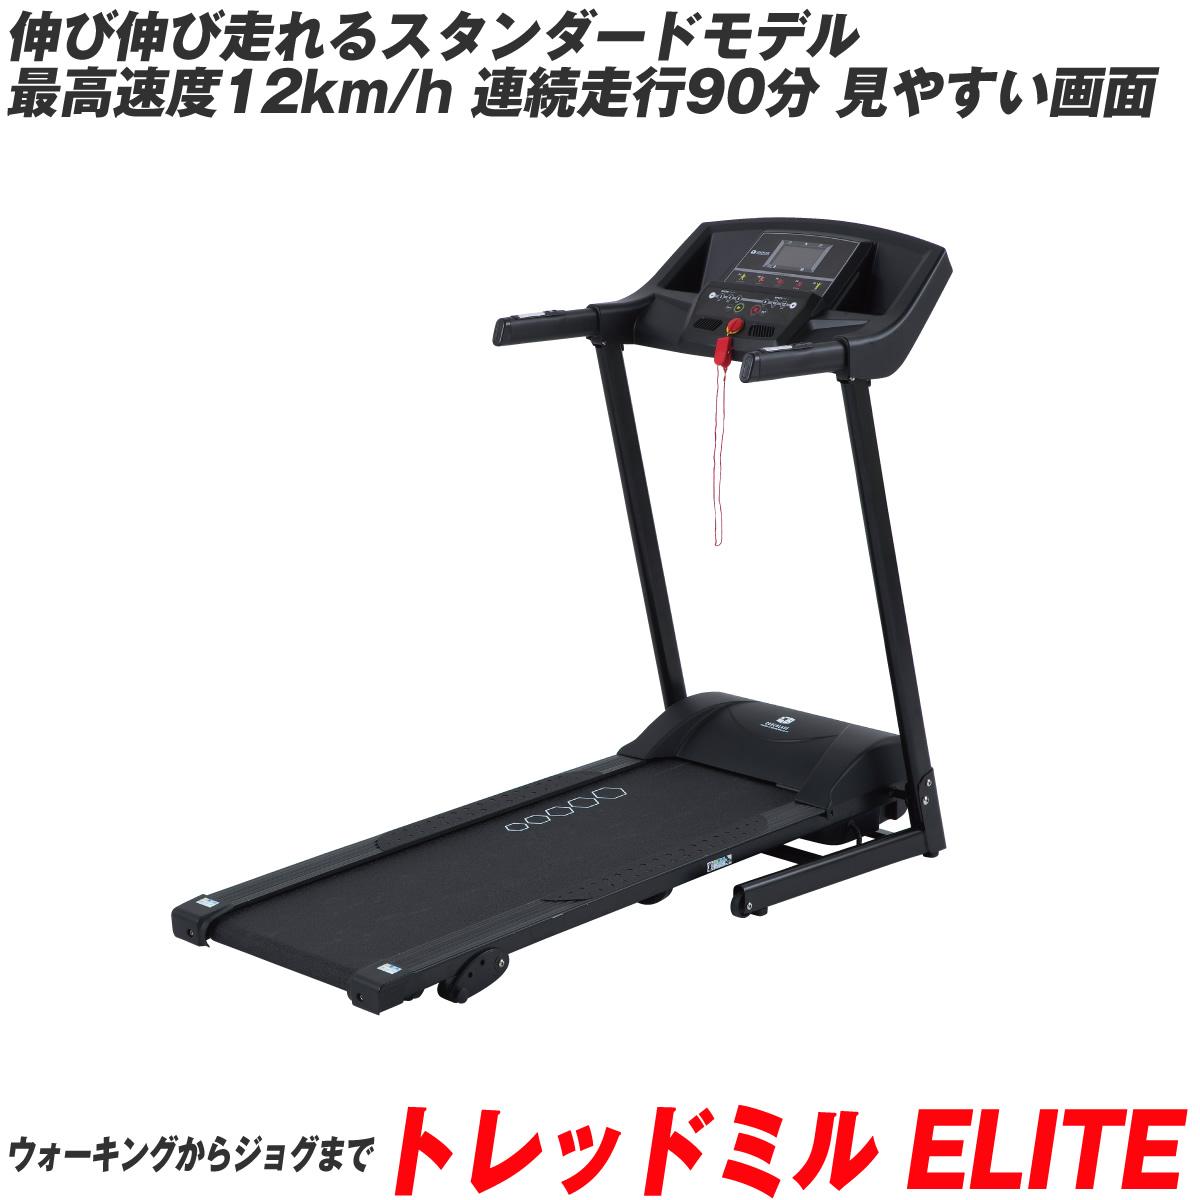 トレッドミル <ELITE> / 最高速度12km/h ウォーキングからランニングまで / ルームランナー ランニングマシン ウォーカー コアブレード